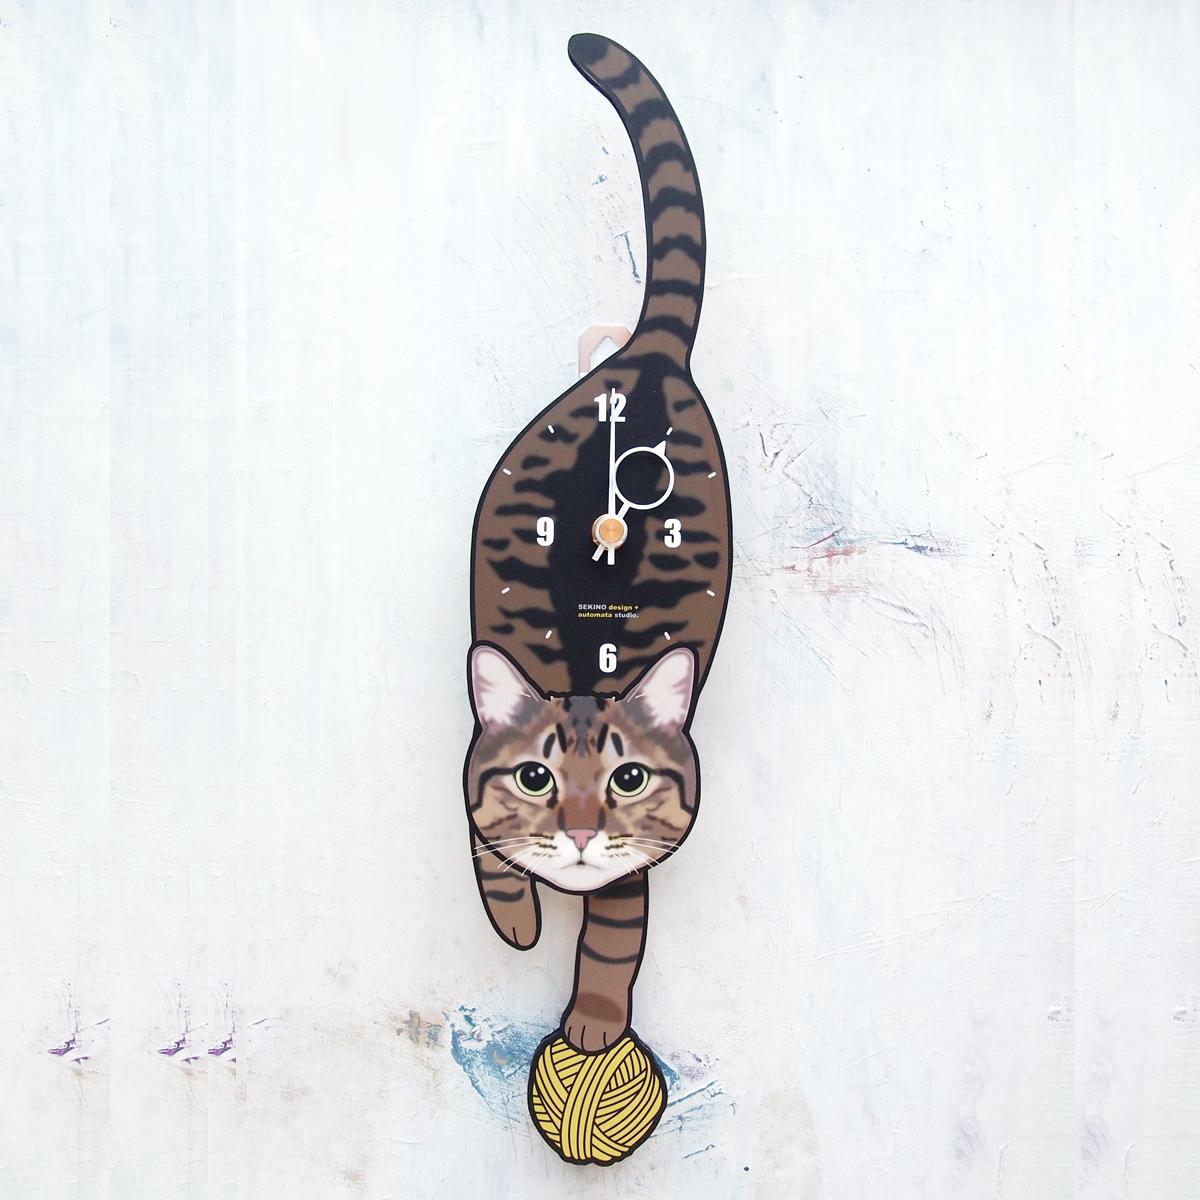 最新号掲載アイテム 手の部分が振り子になった壁掛け用時計 ふるさと納税 キジトラ-猫の振り子時計 C-74 流行のアイテム